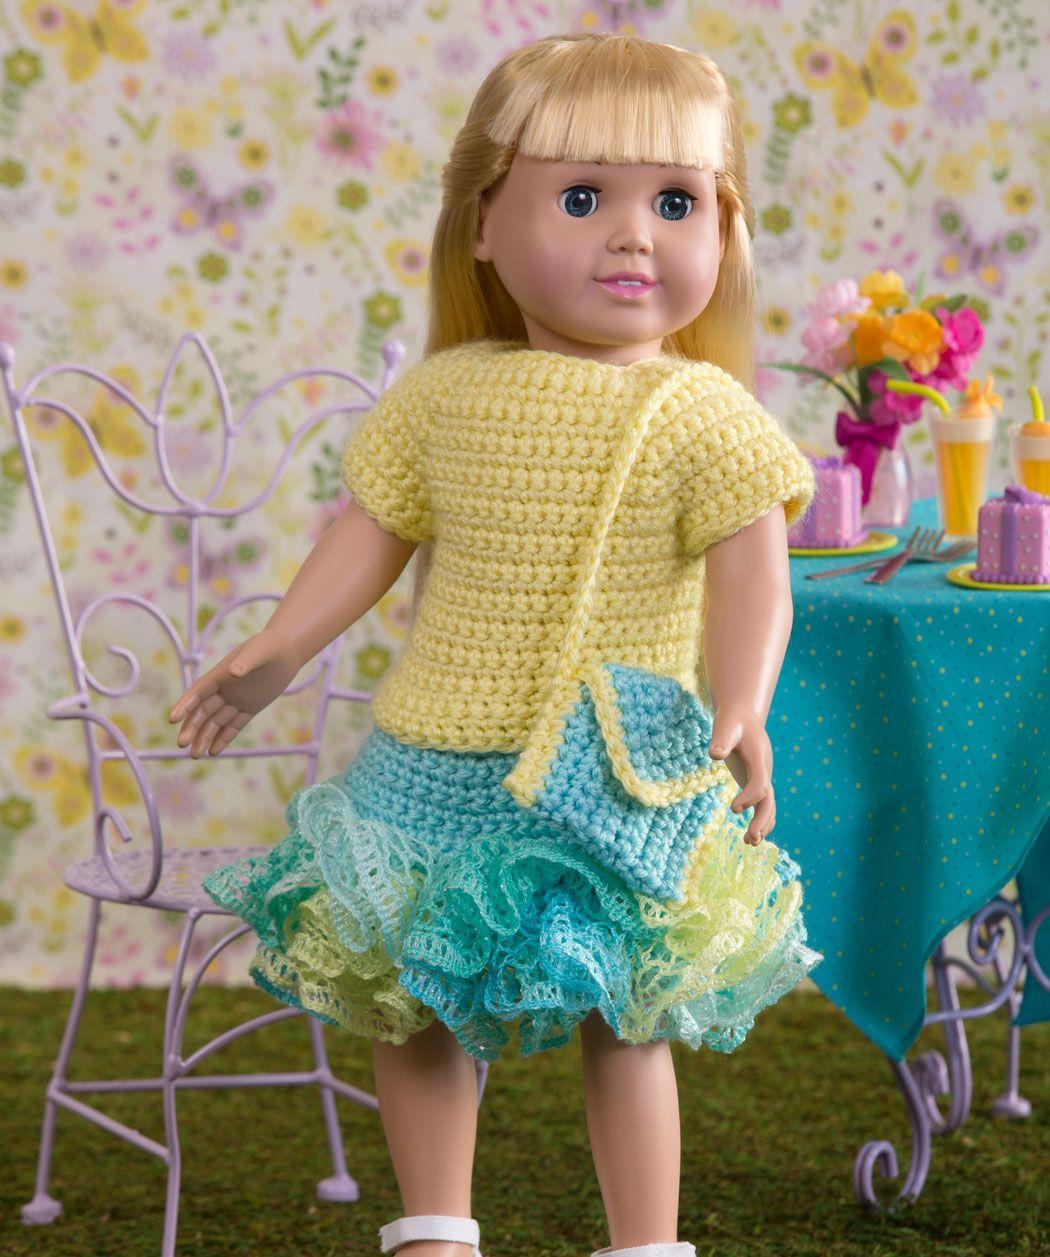 Summertime Frills for Dolls\